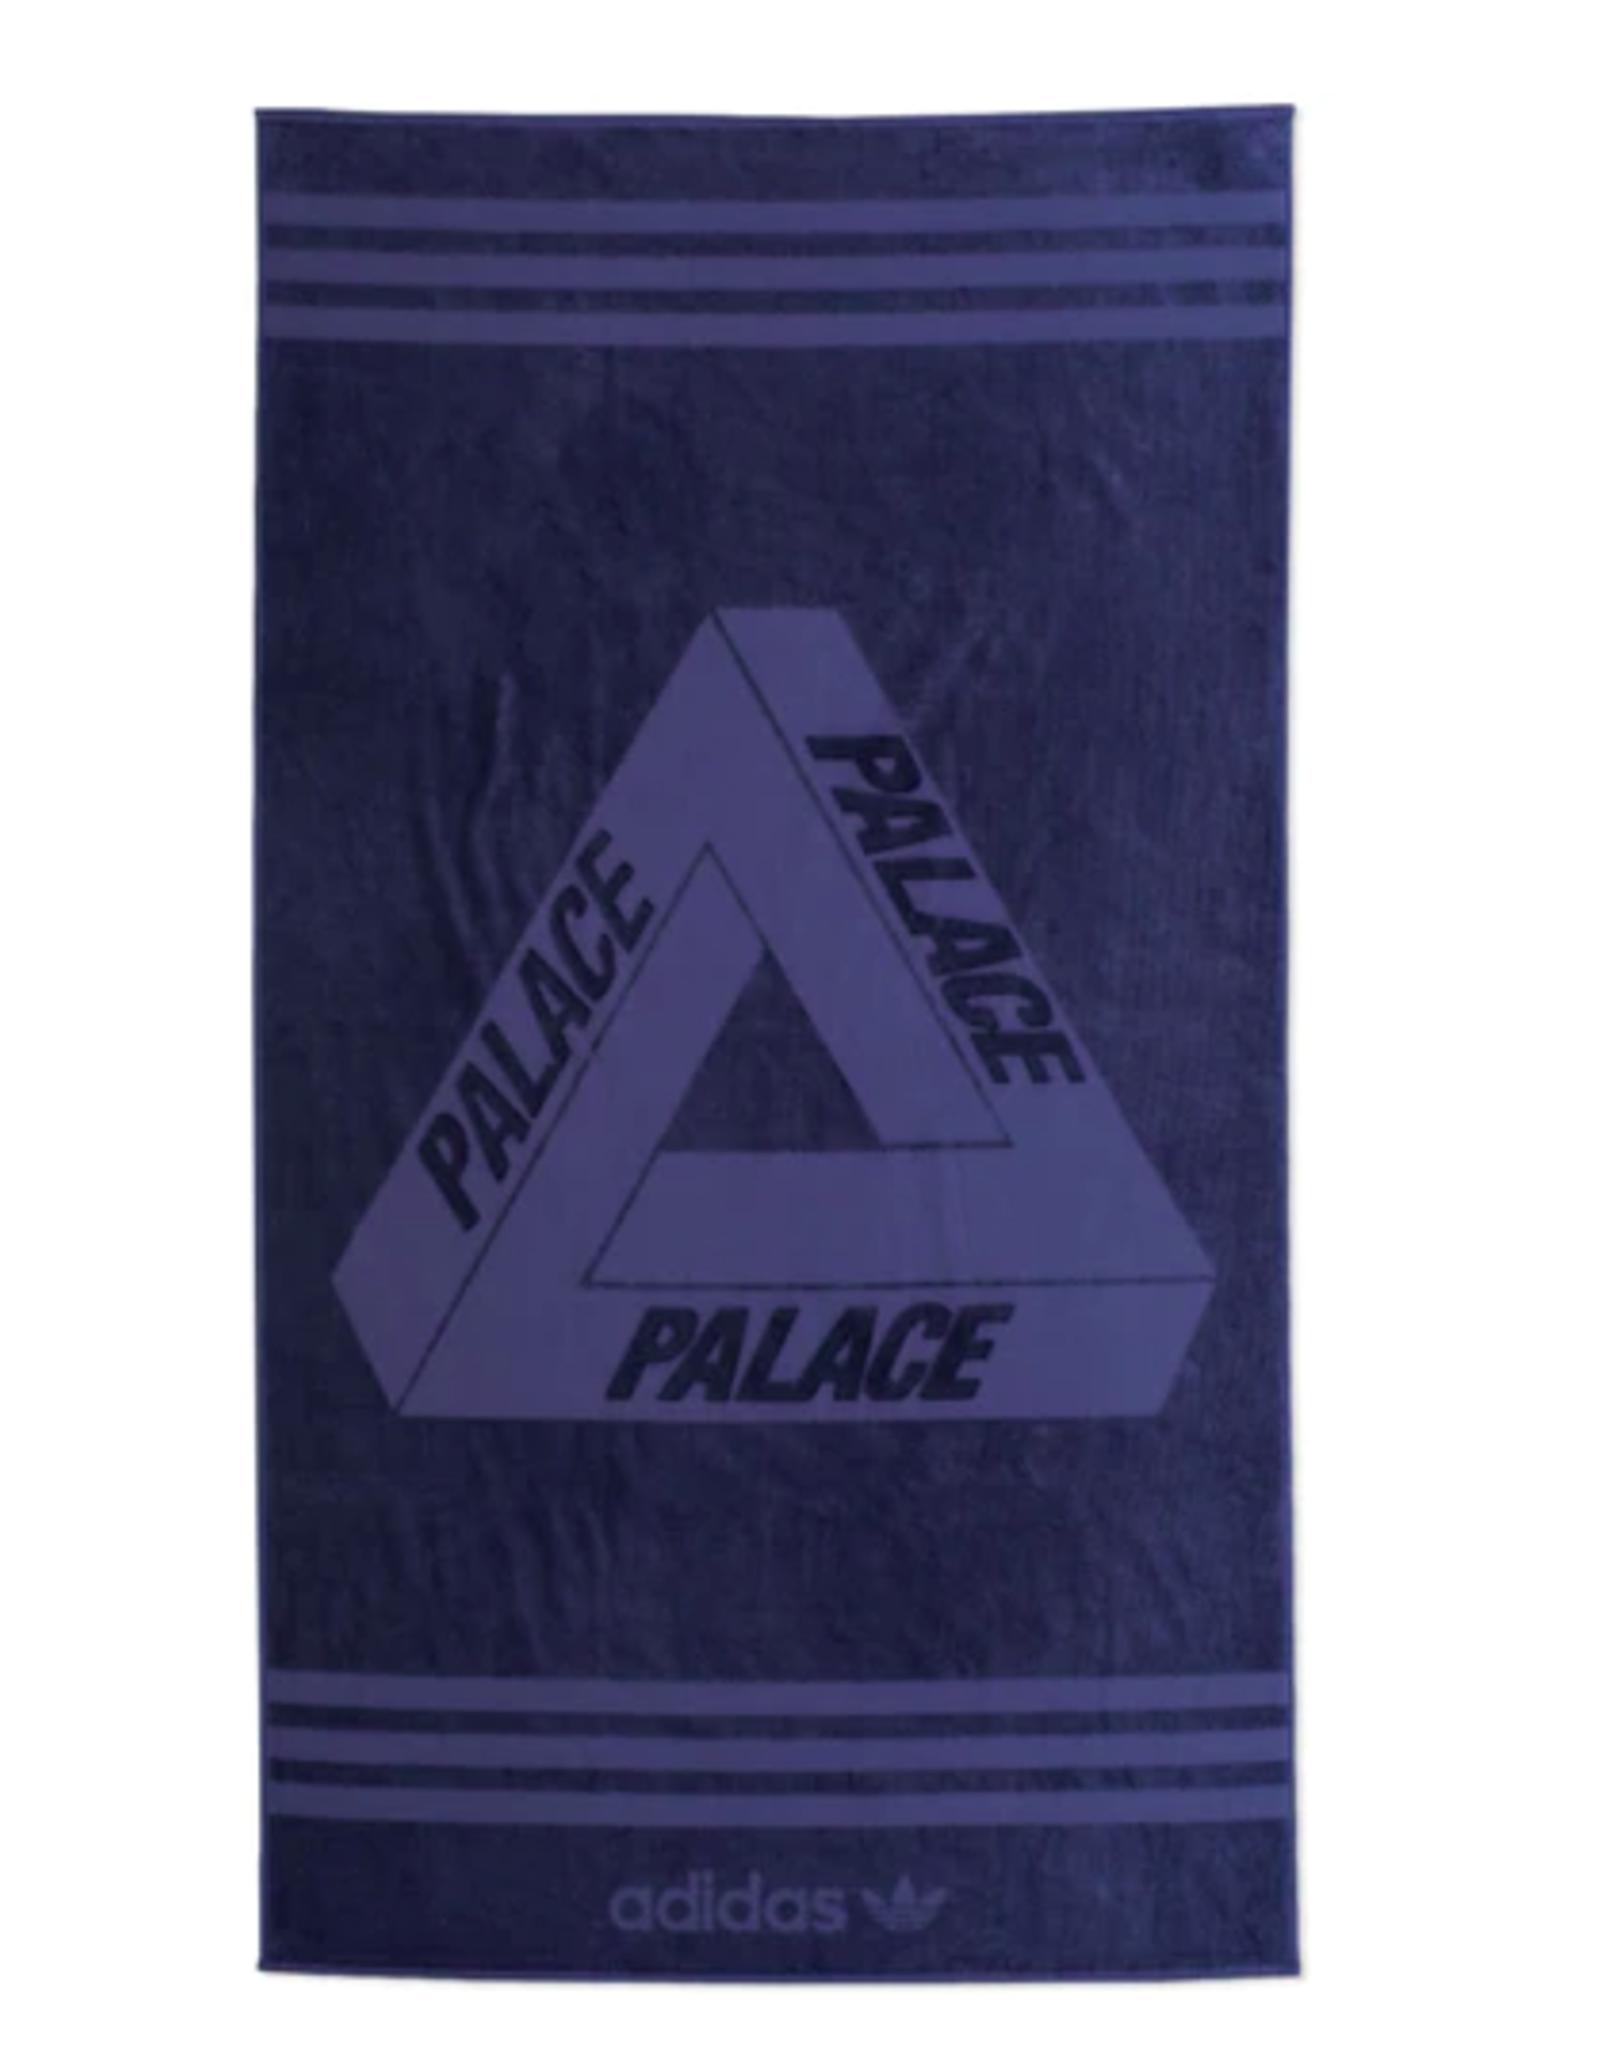 PALACE Palace adidas Towel Navy